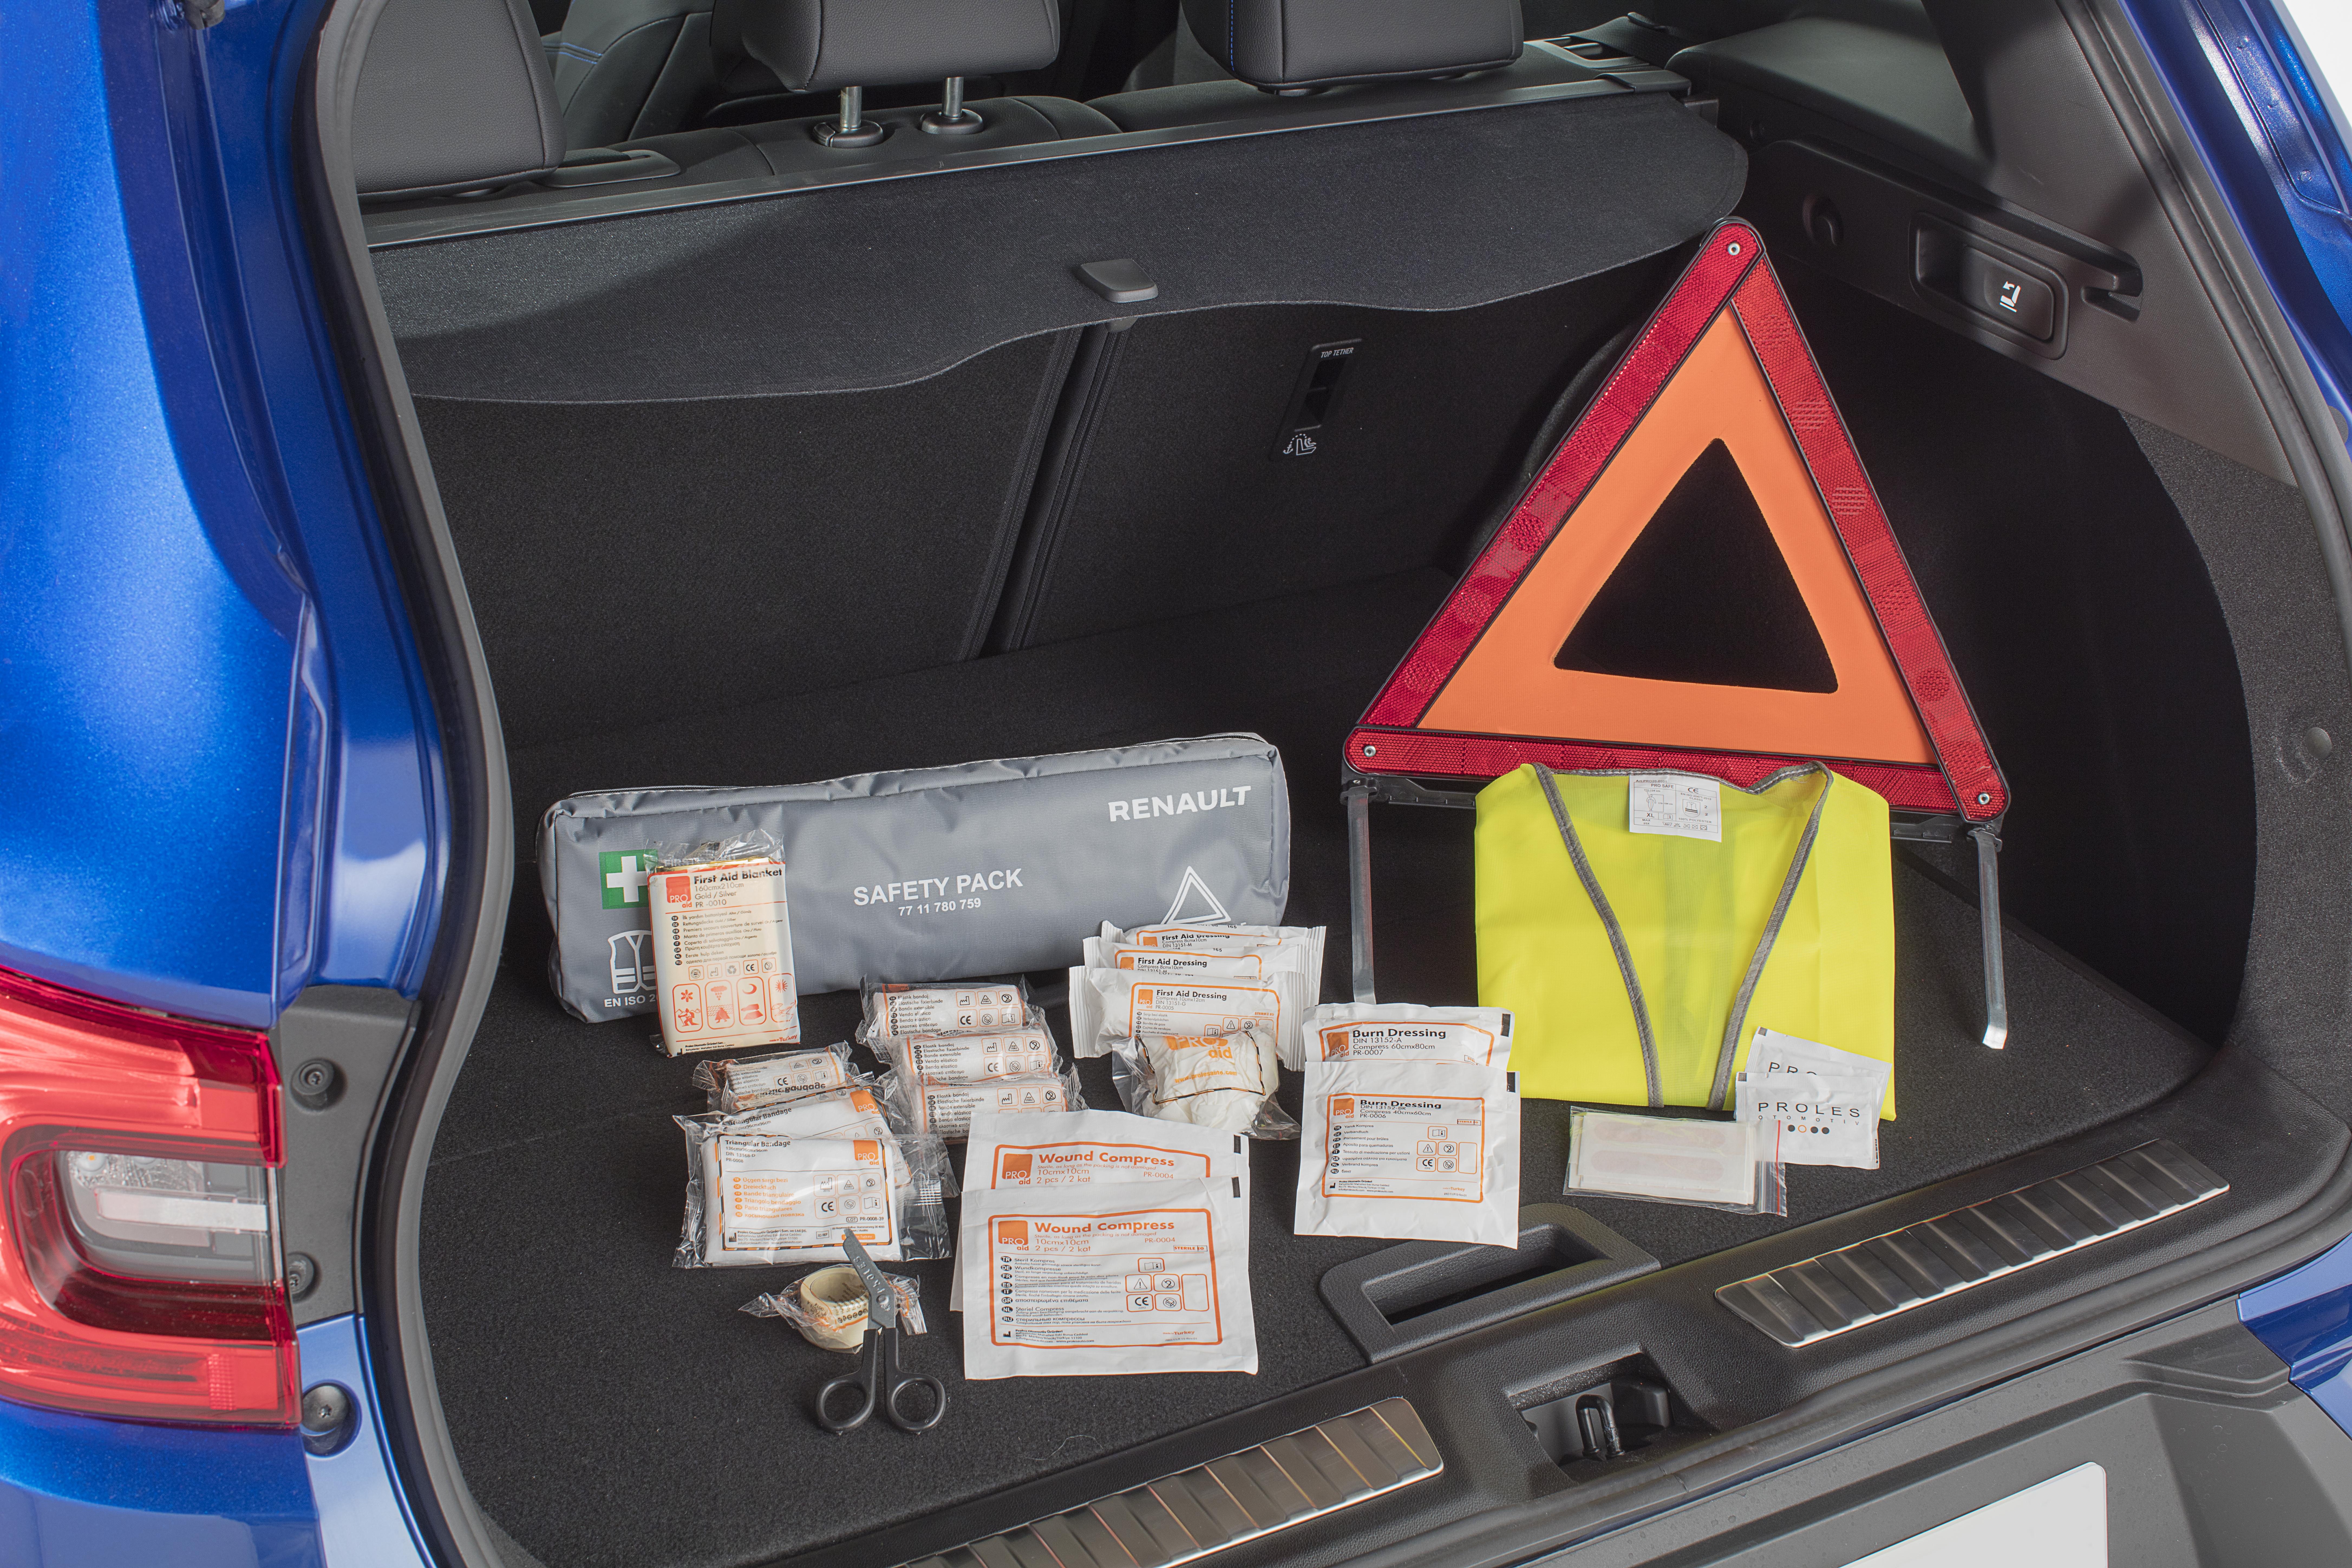 Kit de segurança (colete refletor, triângulo e bolsa de primeiros socorros)